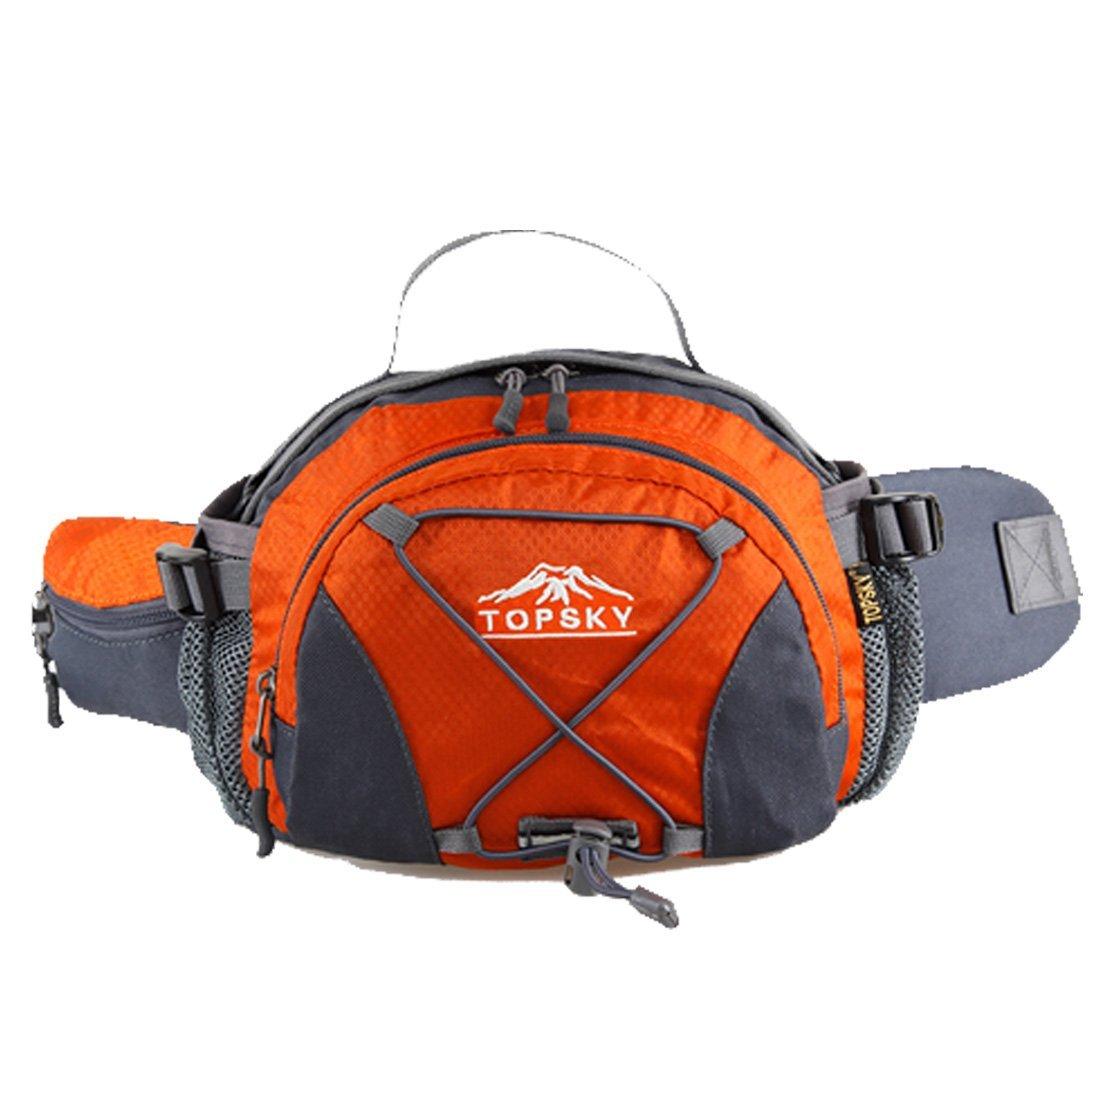 Topsky Outdoor Sports Running Water Bottle Pockets Waterproof Riding Cycling Waist Pouch Backpack 8L Waist Bum Belt Bag Unisex Trekking Rucksack